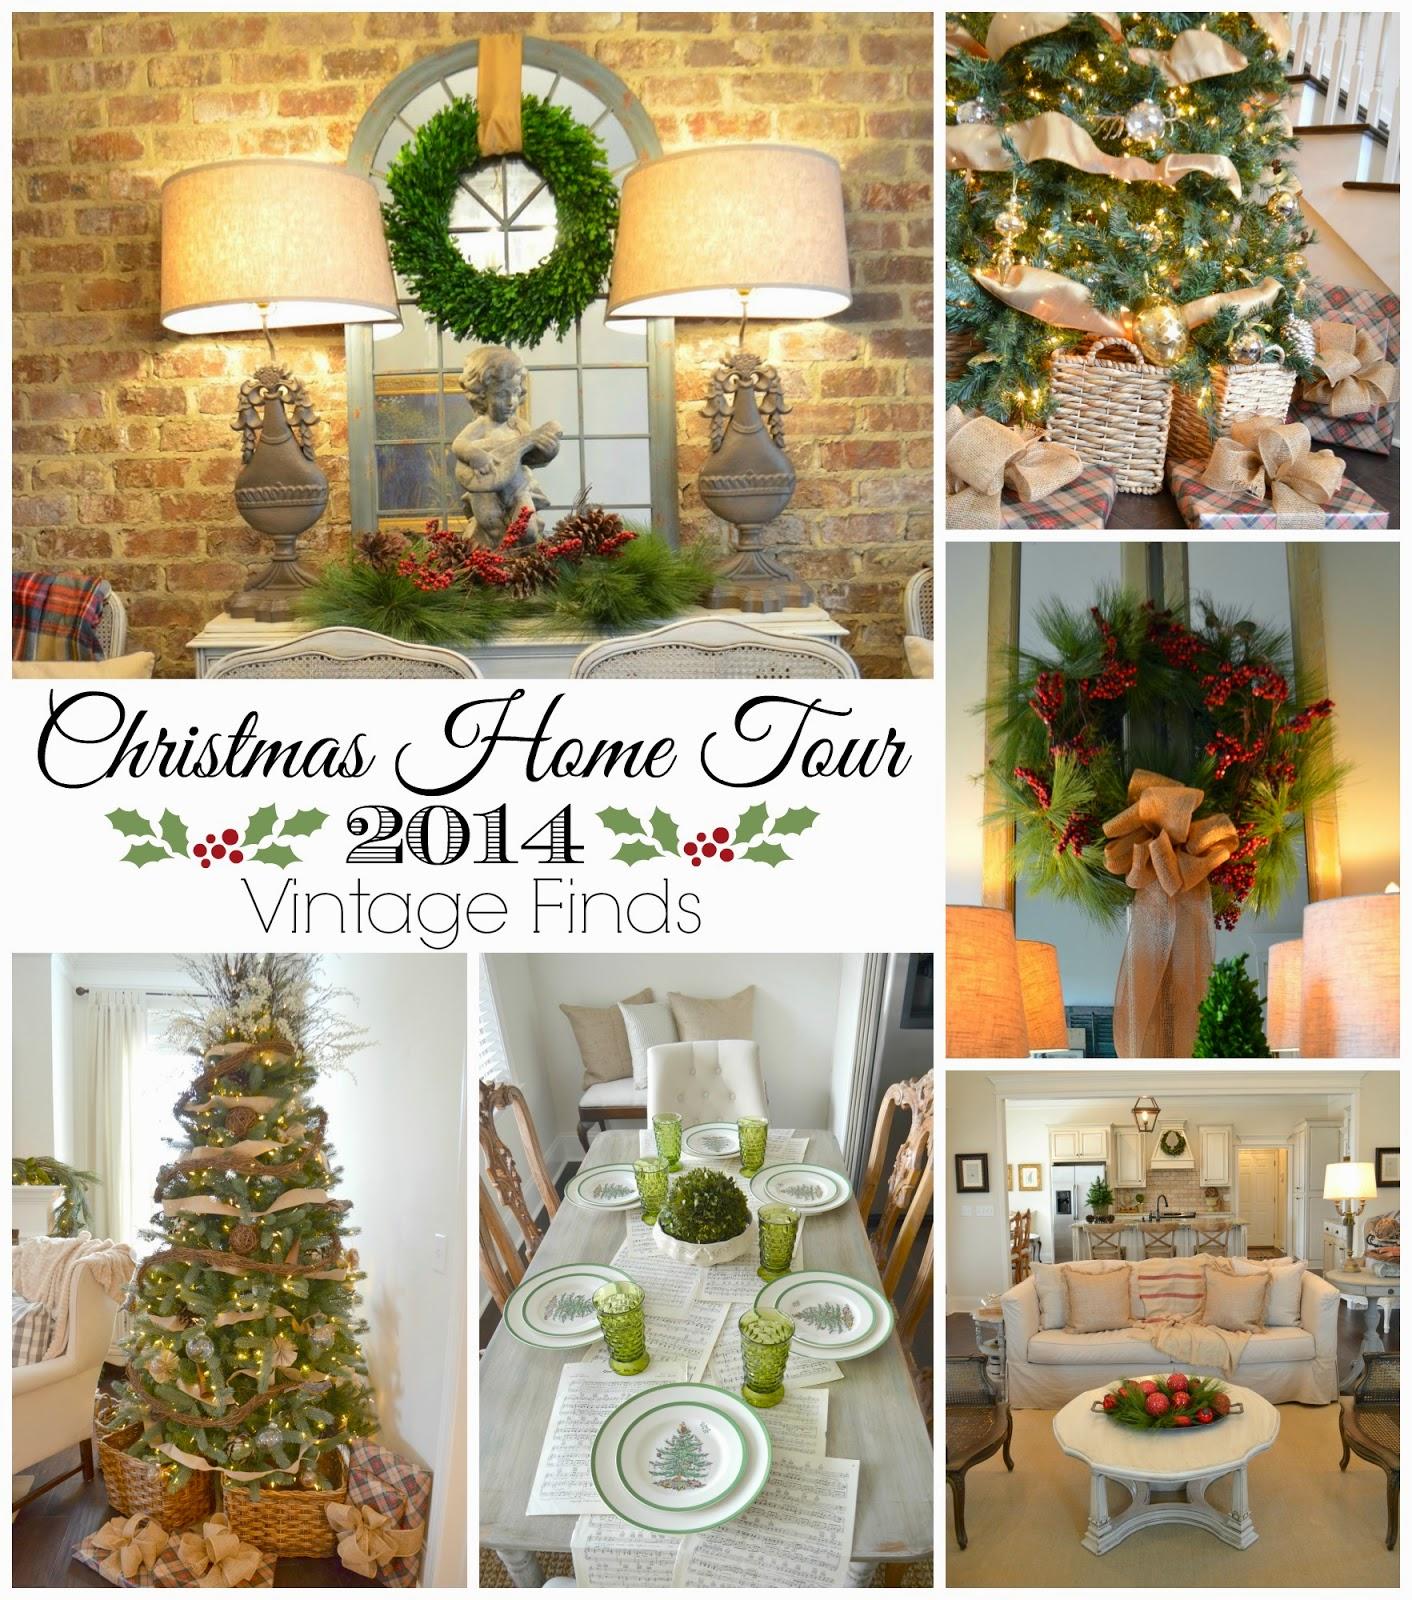 2014 Christmas Home Tour